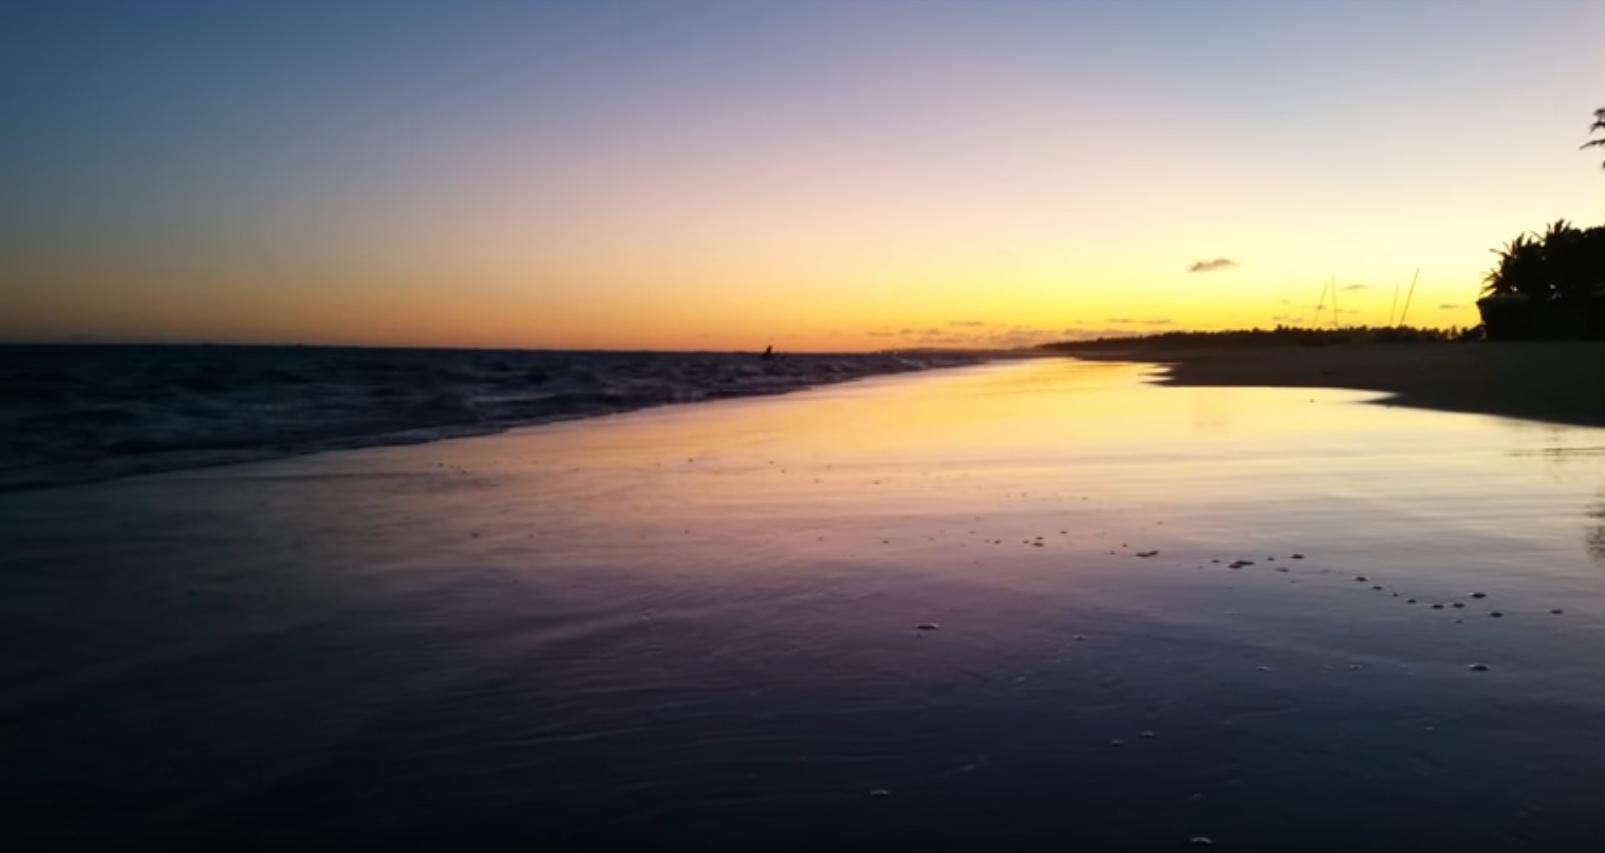 Spiaggia Praia do Frances